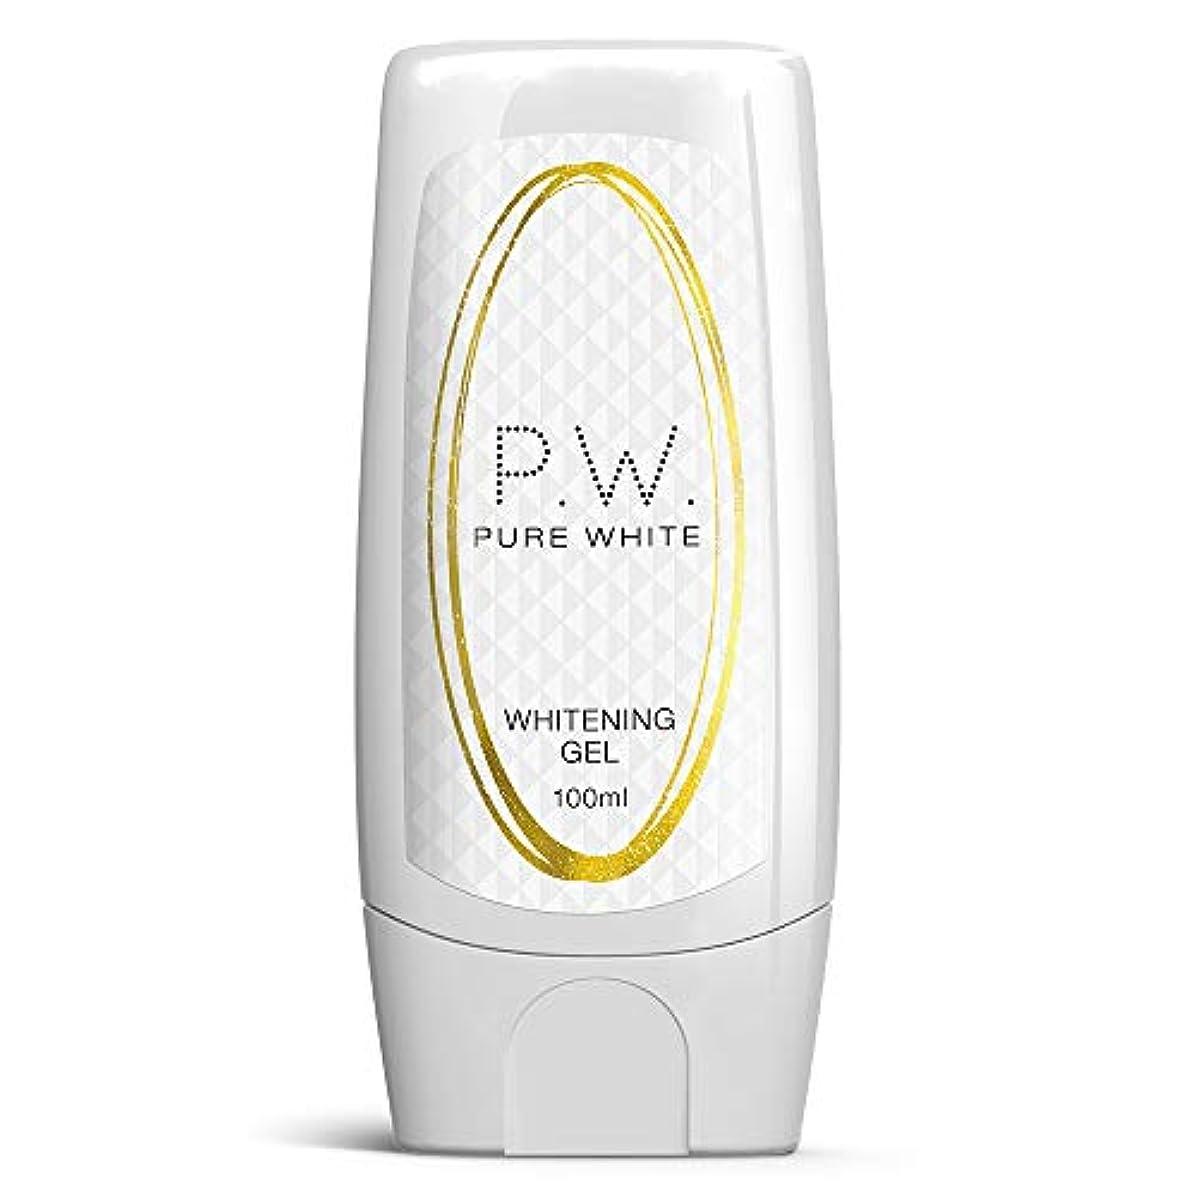 海地味なゆでるPure White Whitening Gel ピュアホワイトホワイトニングジェルの美白は、肝斑PATCHES MAXの強度を停止します Pyuahowaitohowaitoningujeru no bihaku wa...